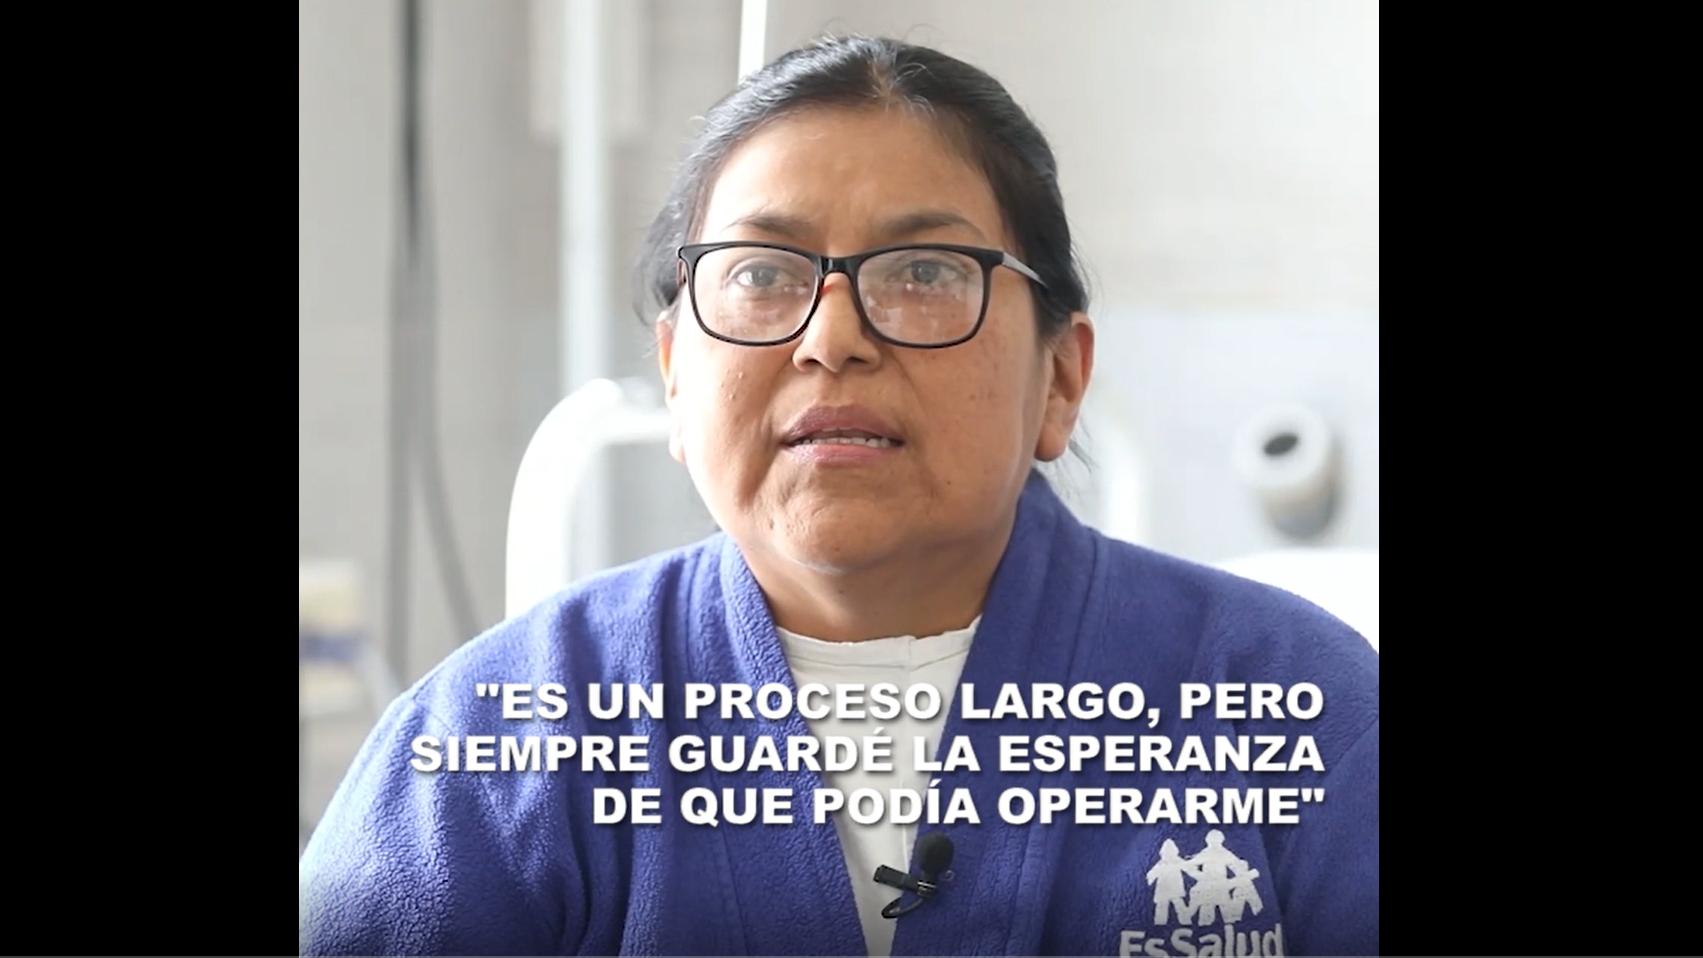 Conoce la historia de Carmen Pacori y cómo un trasplante le cambió la vida.